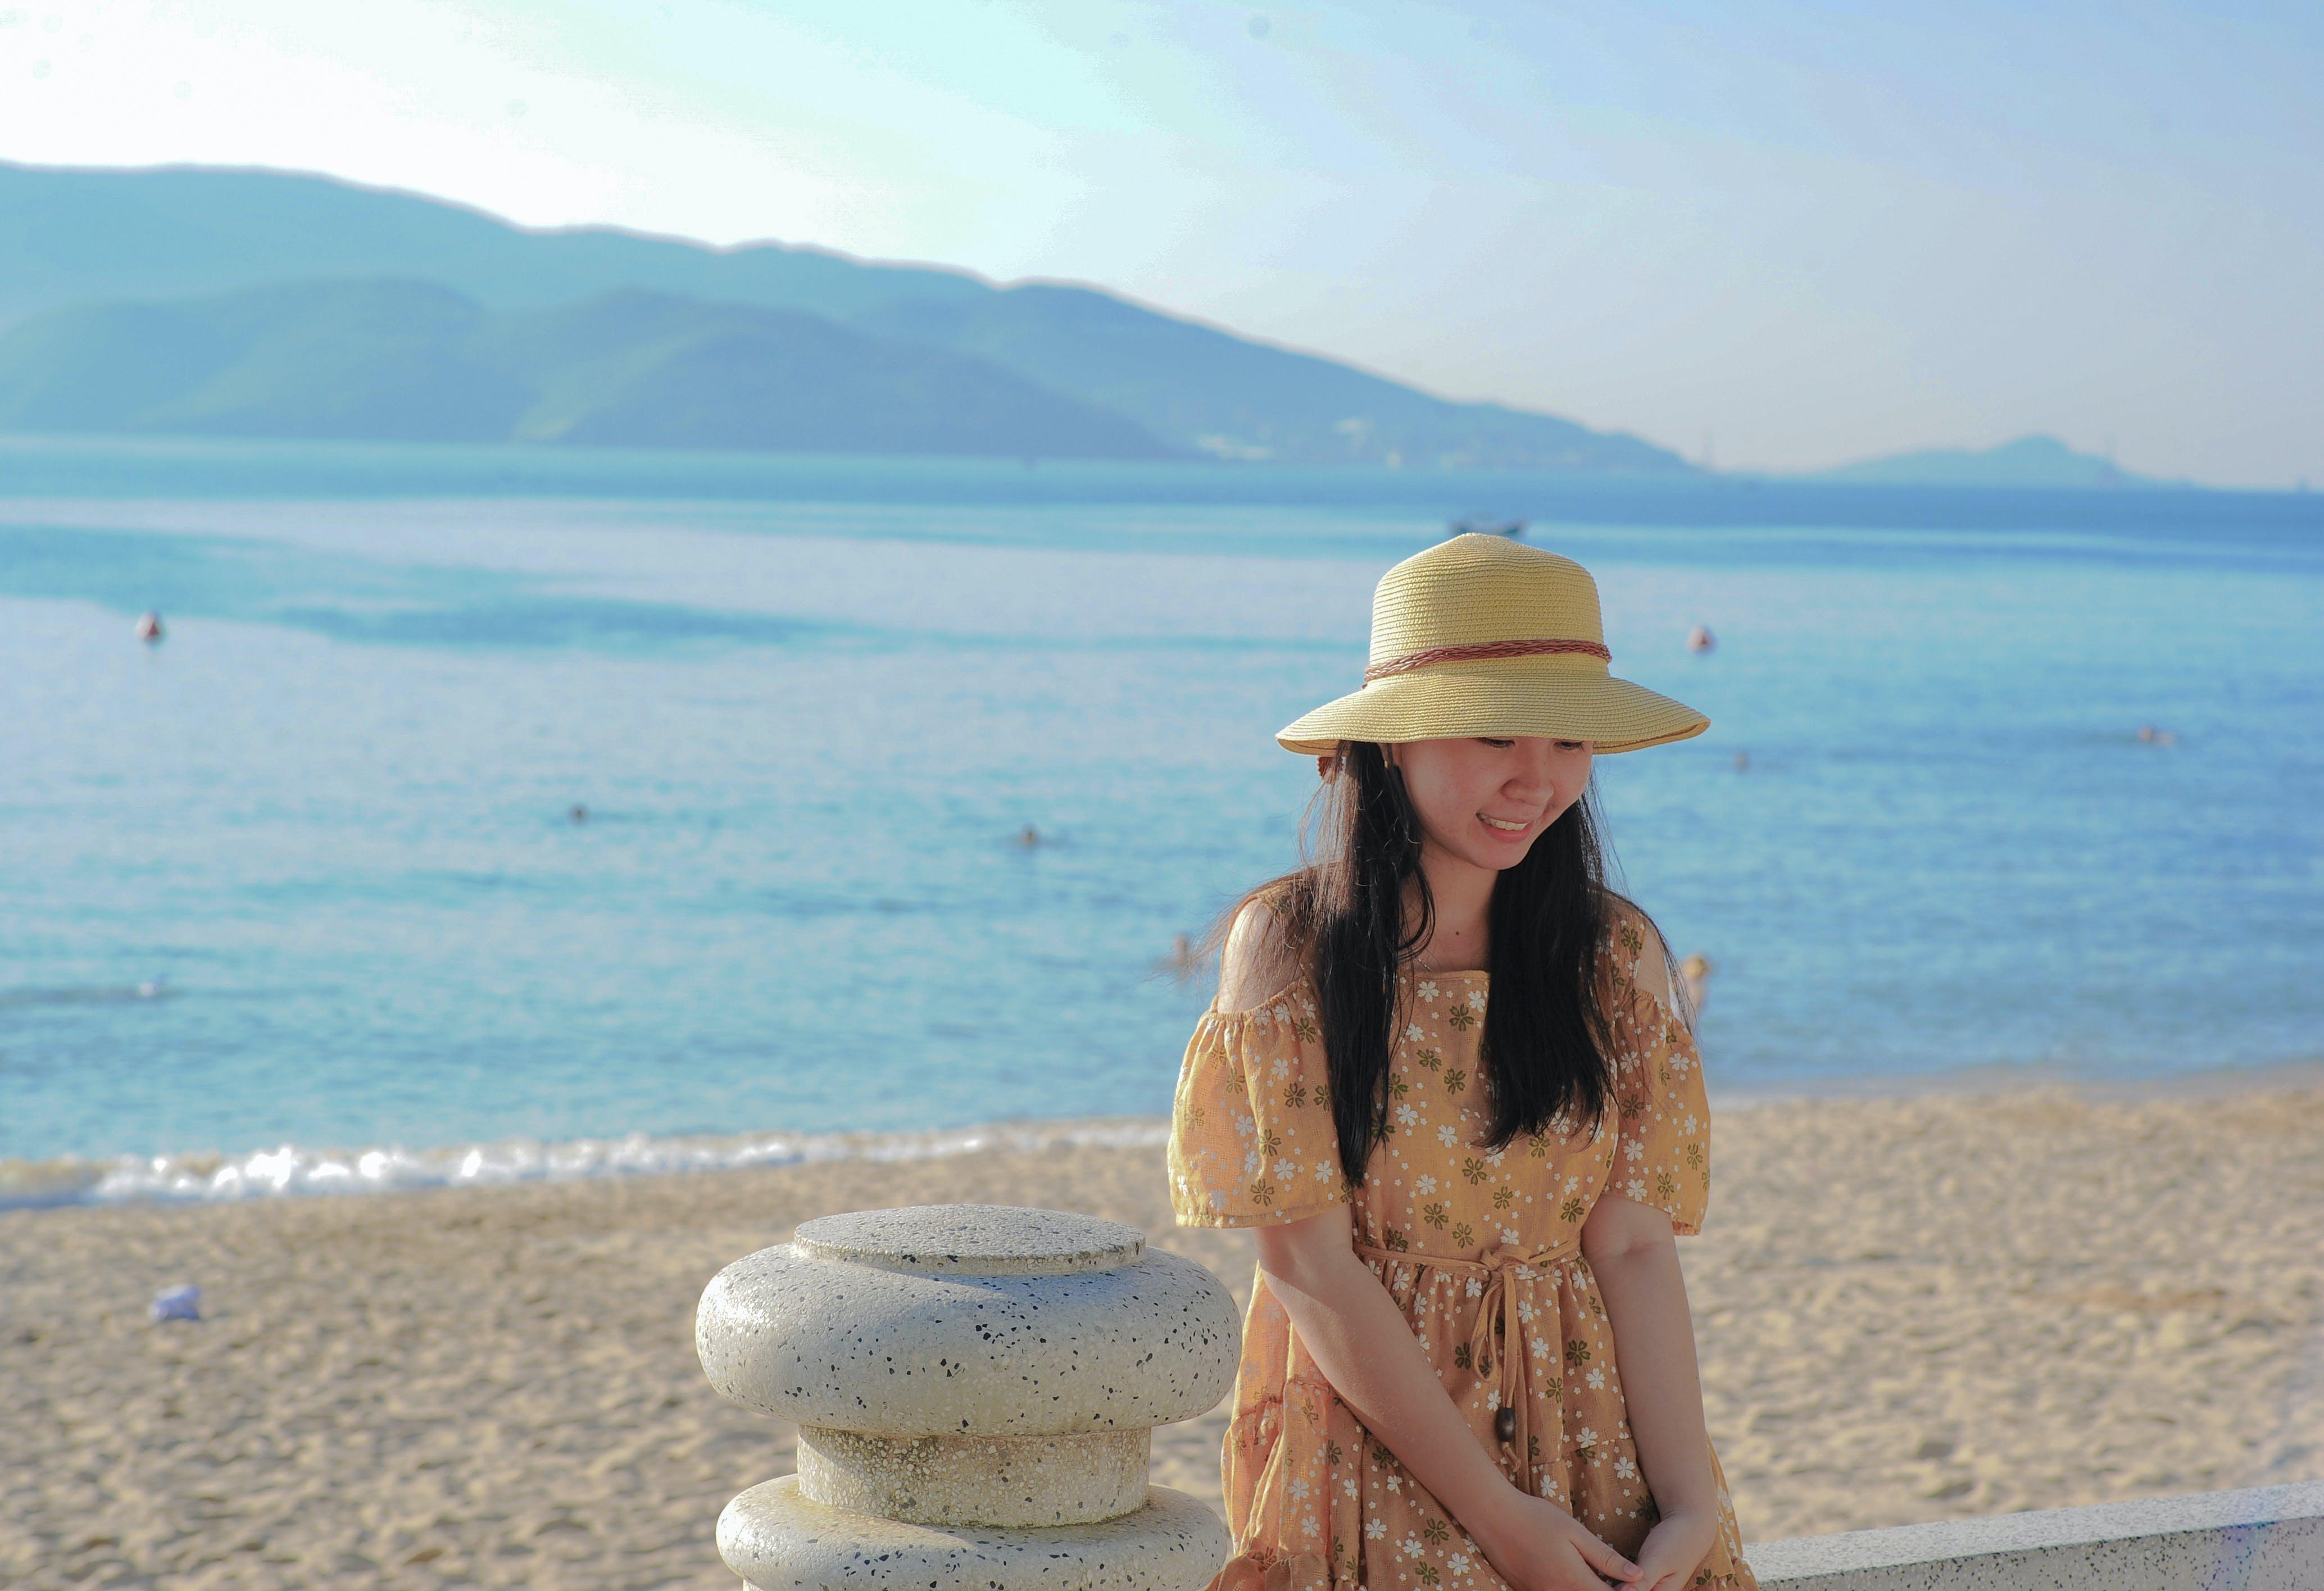 Woman Wearing Brown Off-shoulder Dress Near Ocean Water